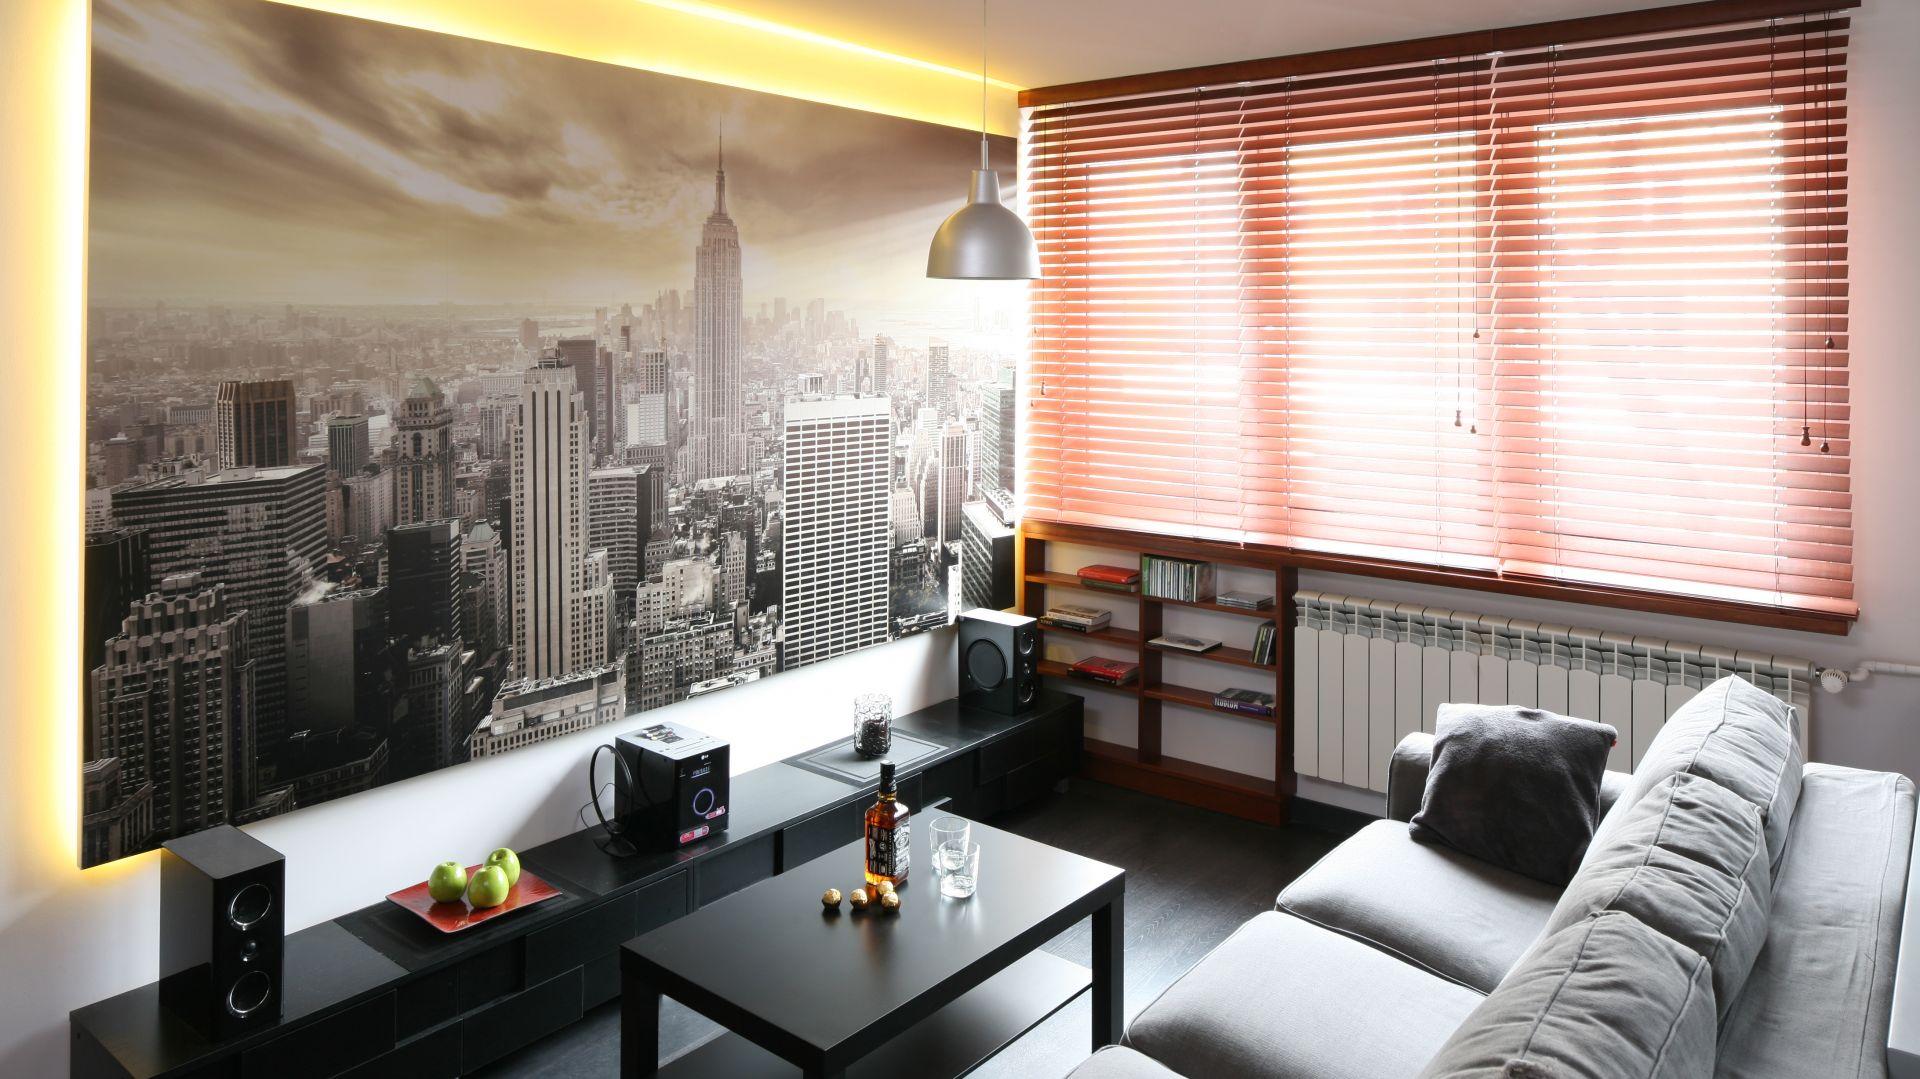 Piękna fototapeta to świetny detal w salonie. Zdjęcie przedstawiające panoramę Nowego Yorku z góry, nadaje wnętrzu głębi. Projekt: Katarzyna Karpińska-Piechowicz. Fot. Bartosz Jarosz